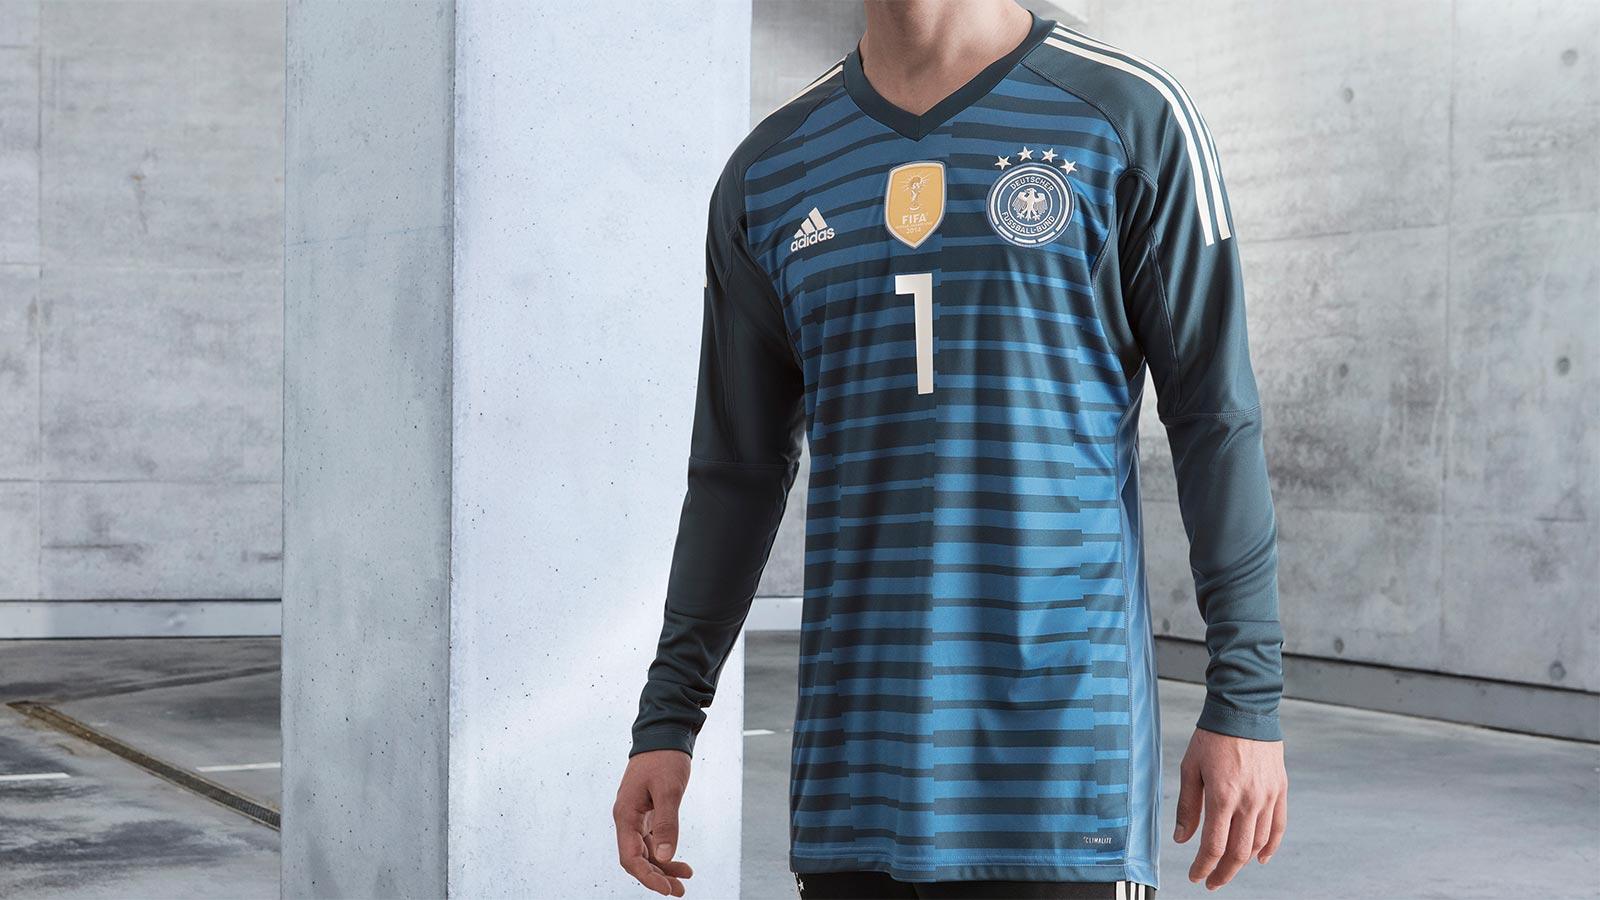 Tyskland målmandstrøje VM 2018